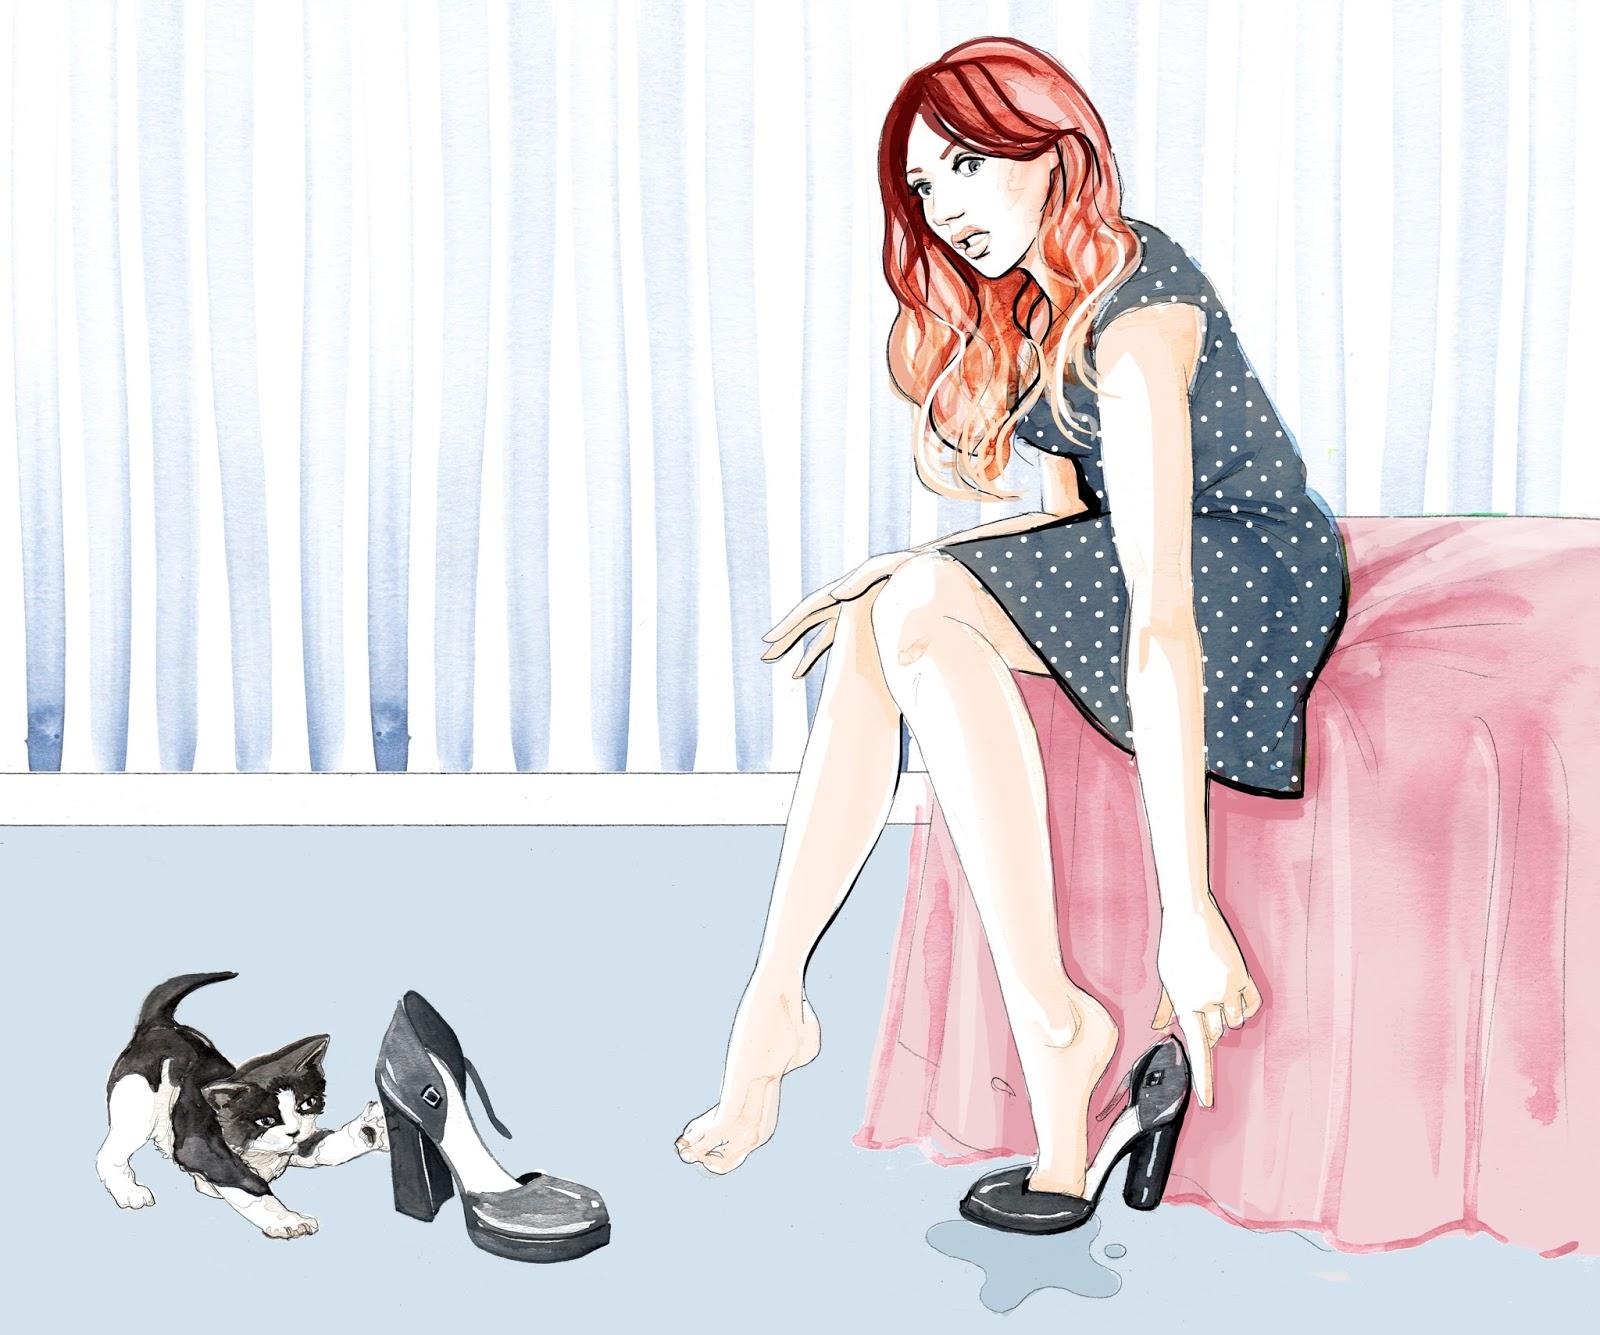 uk fashion blog illustration